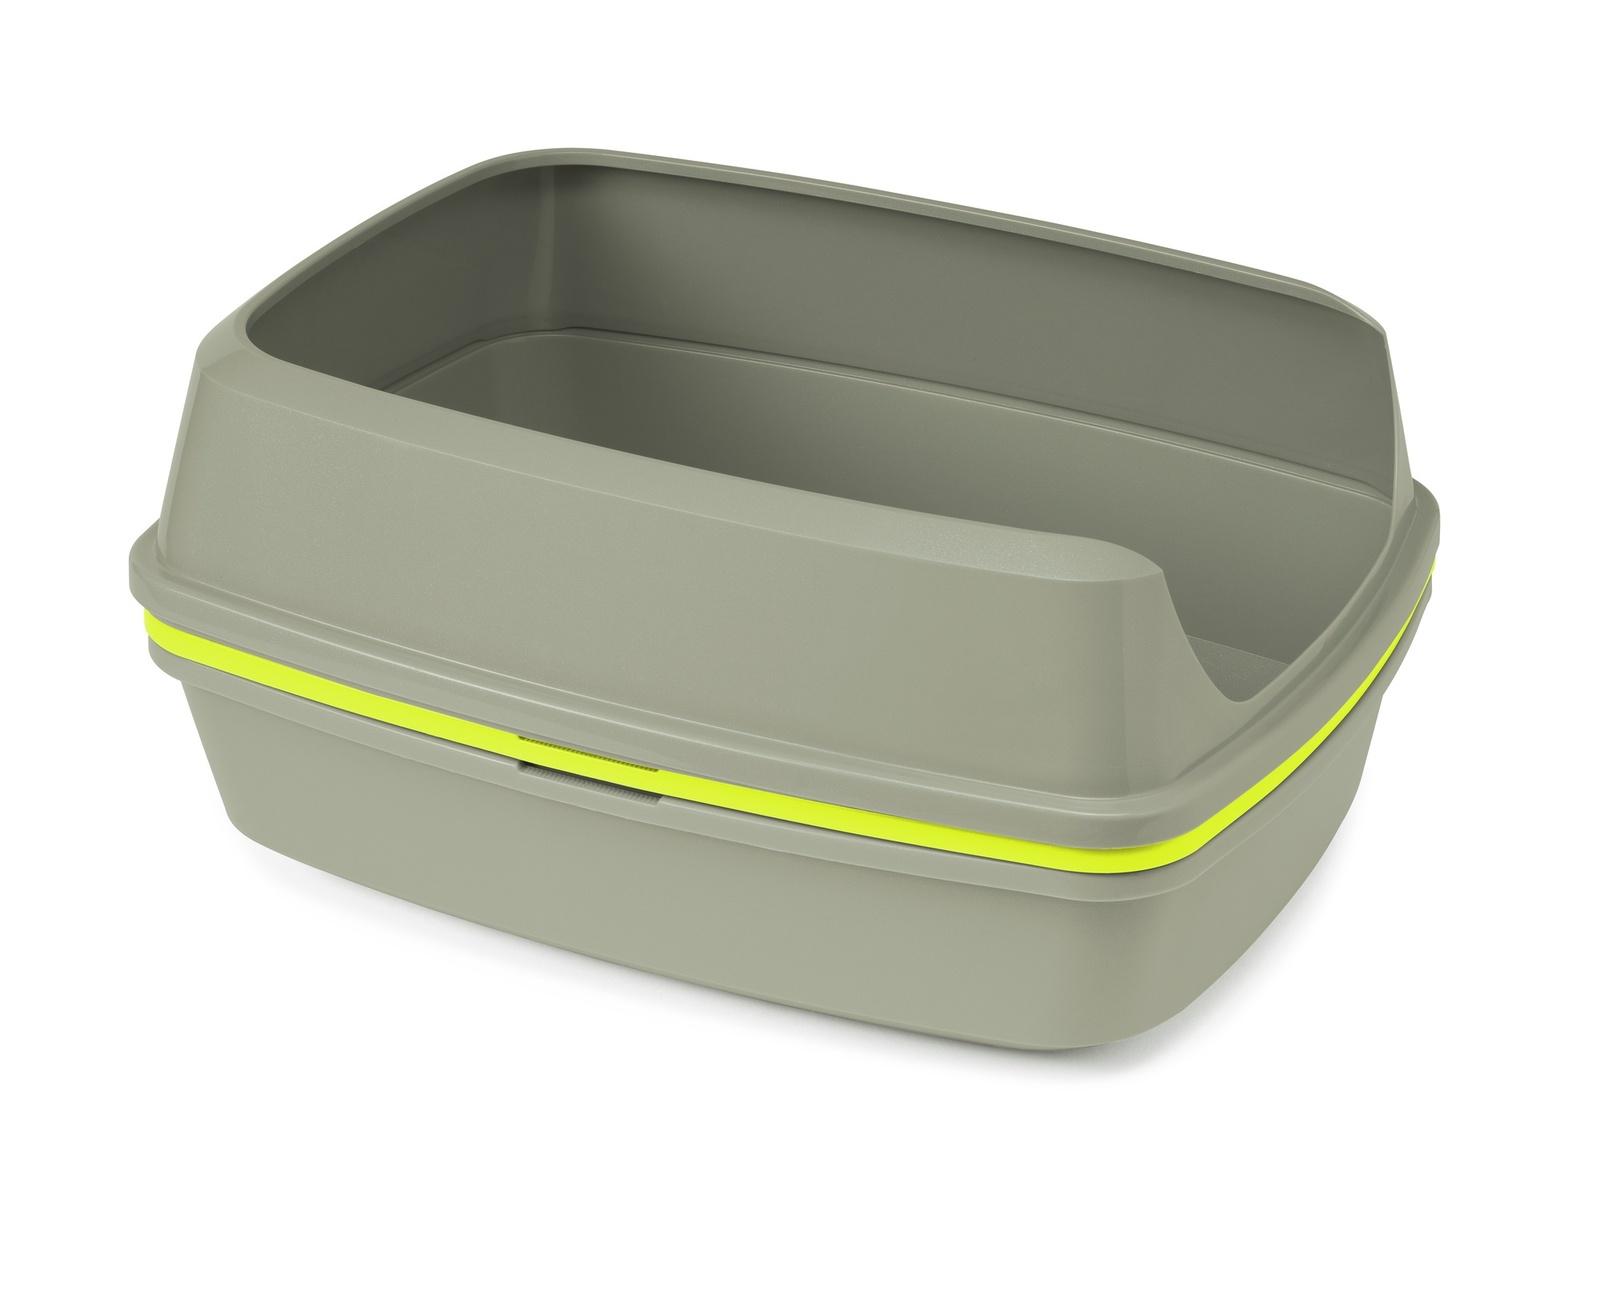 Многофункциональный туалет-лоток для кошек Lift to Sift, серый+лимонный (38х50х24)